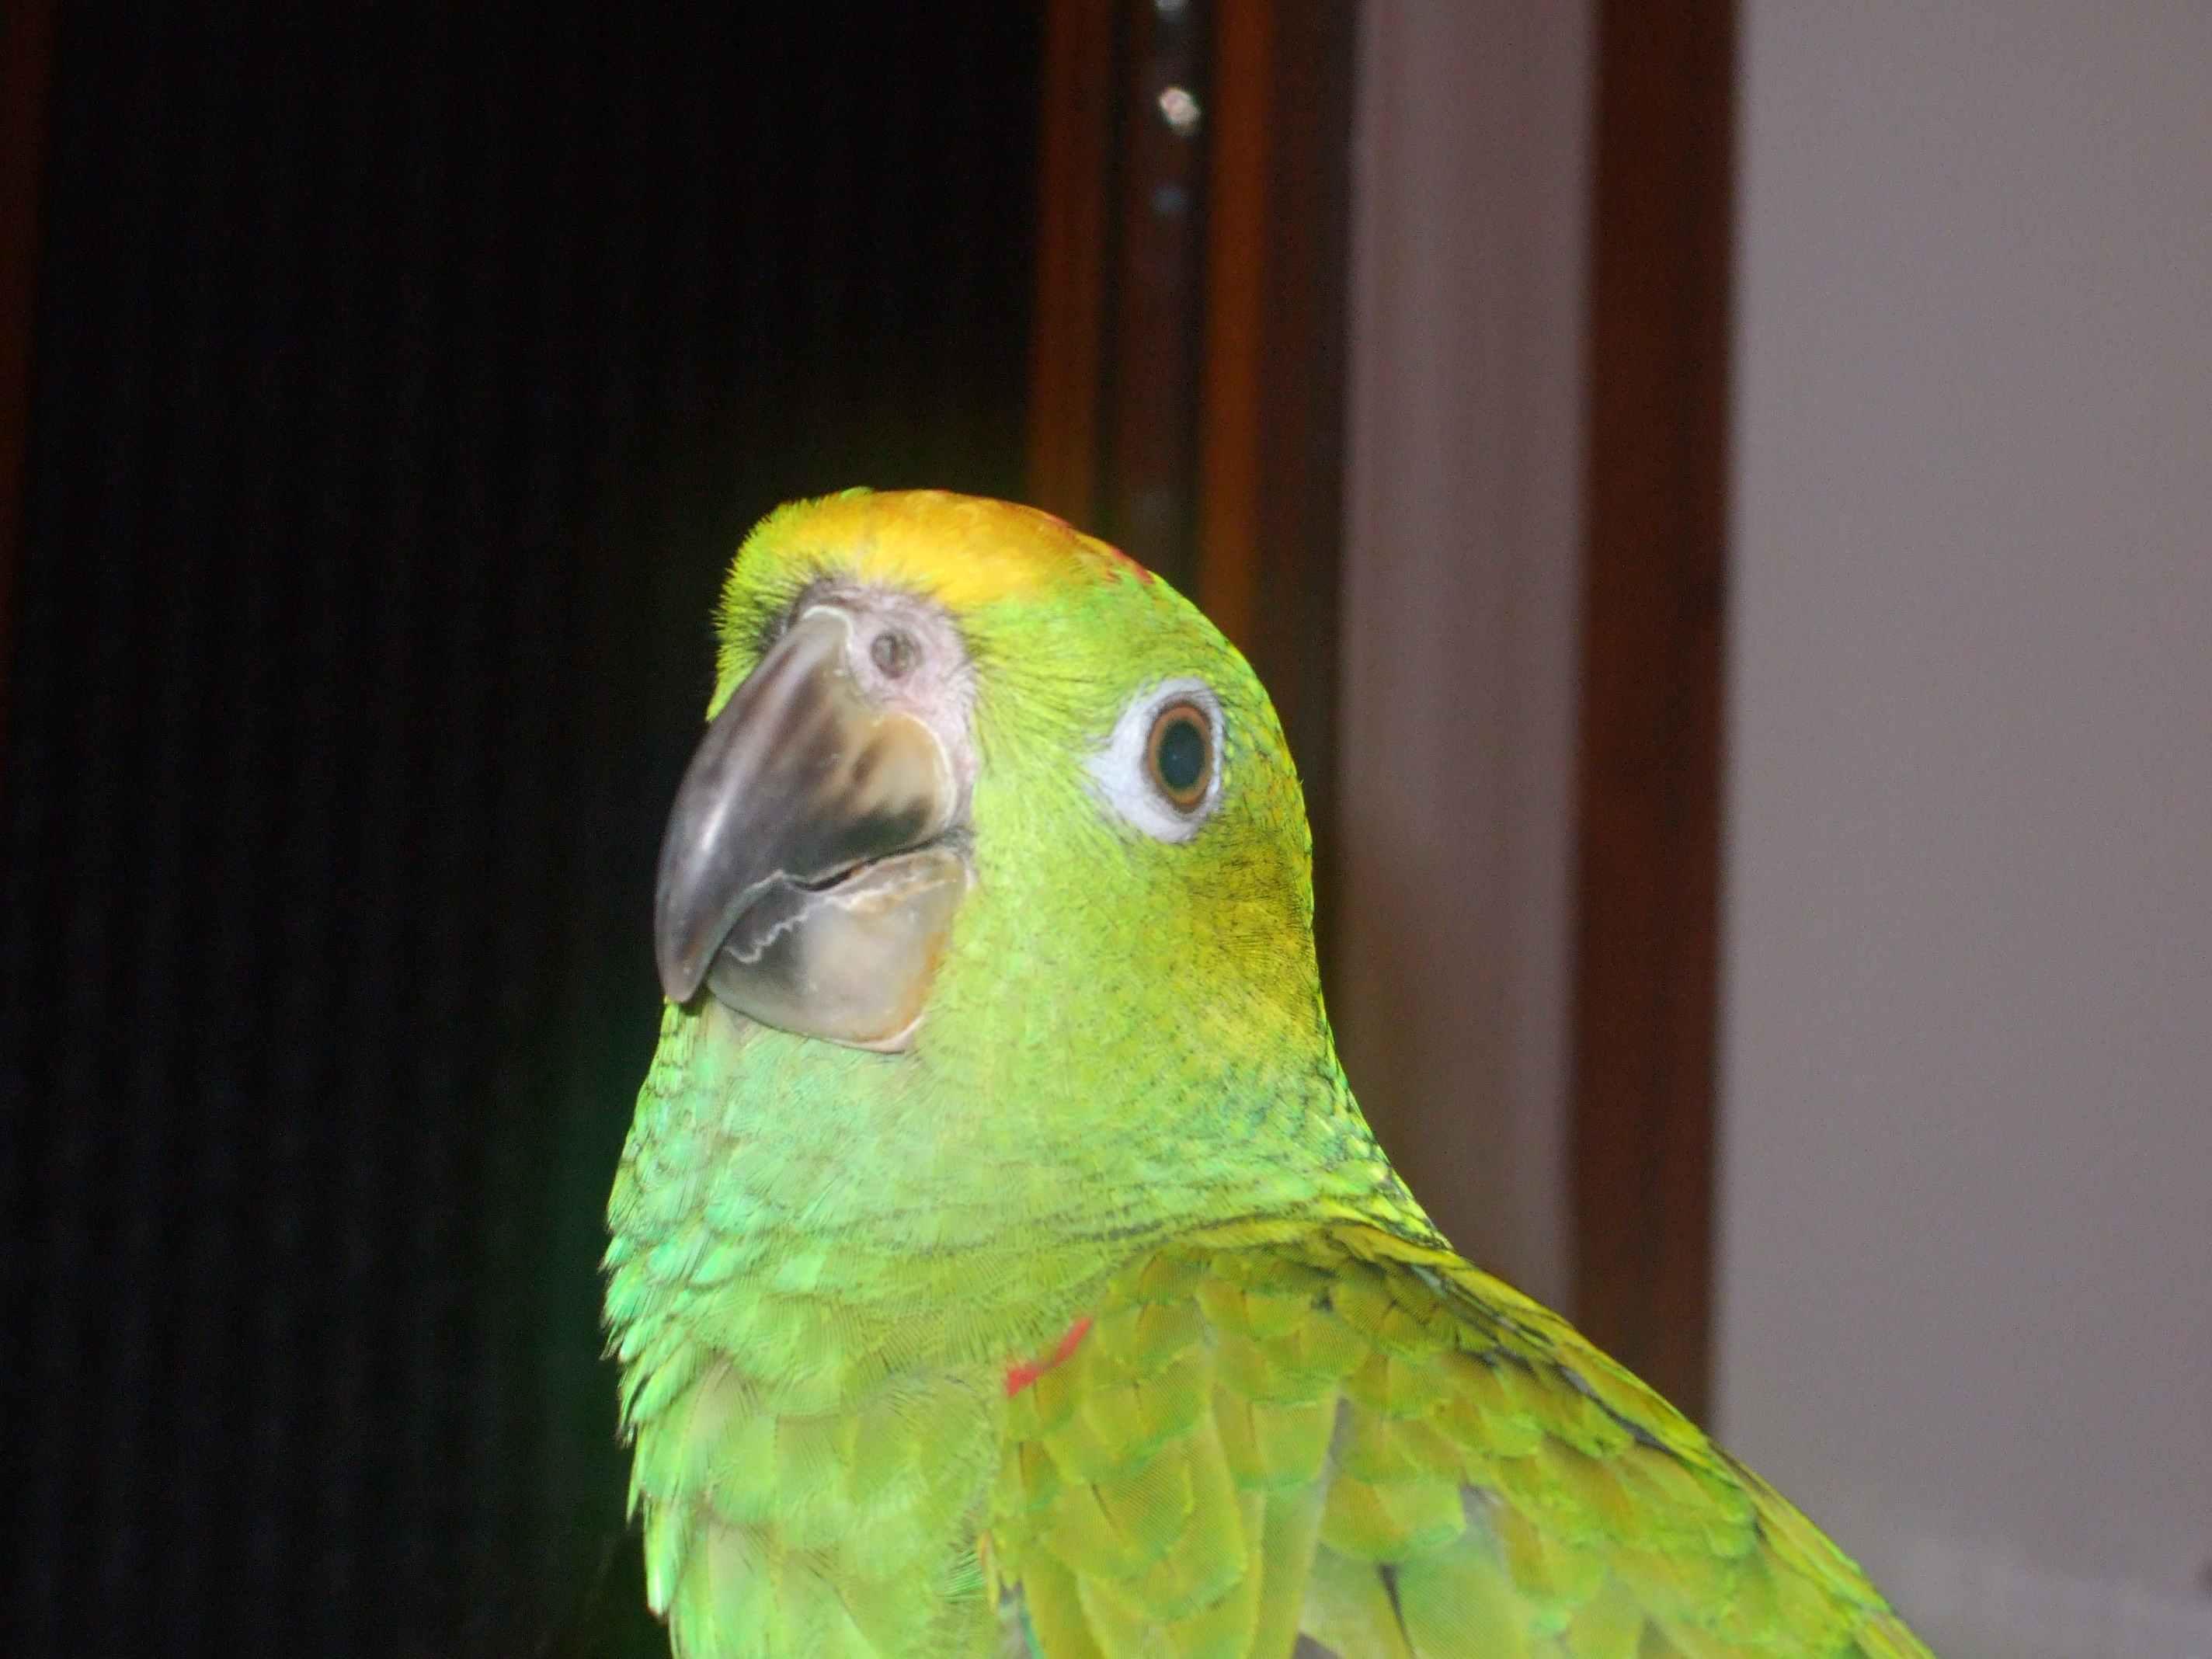 Cerco un ara dove lo posso comprare a buon prezzo www pappagalli ch - Dove acquistare mobili a buon prezzo ...